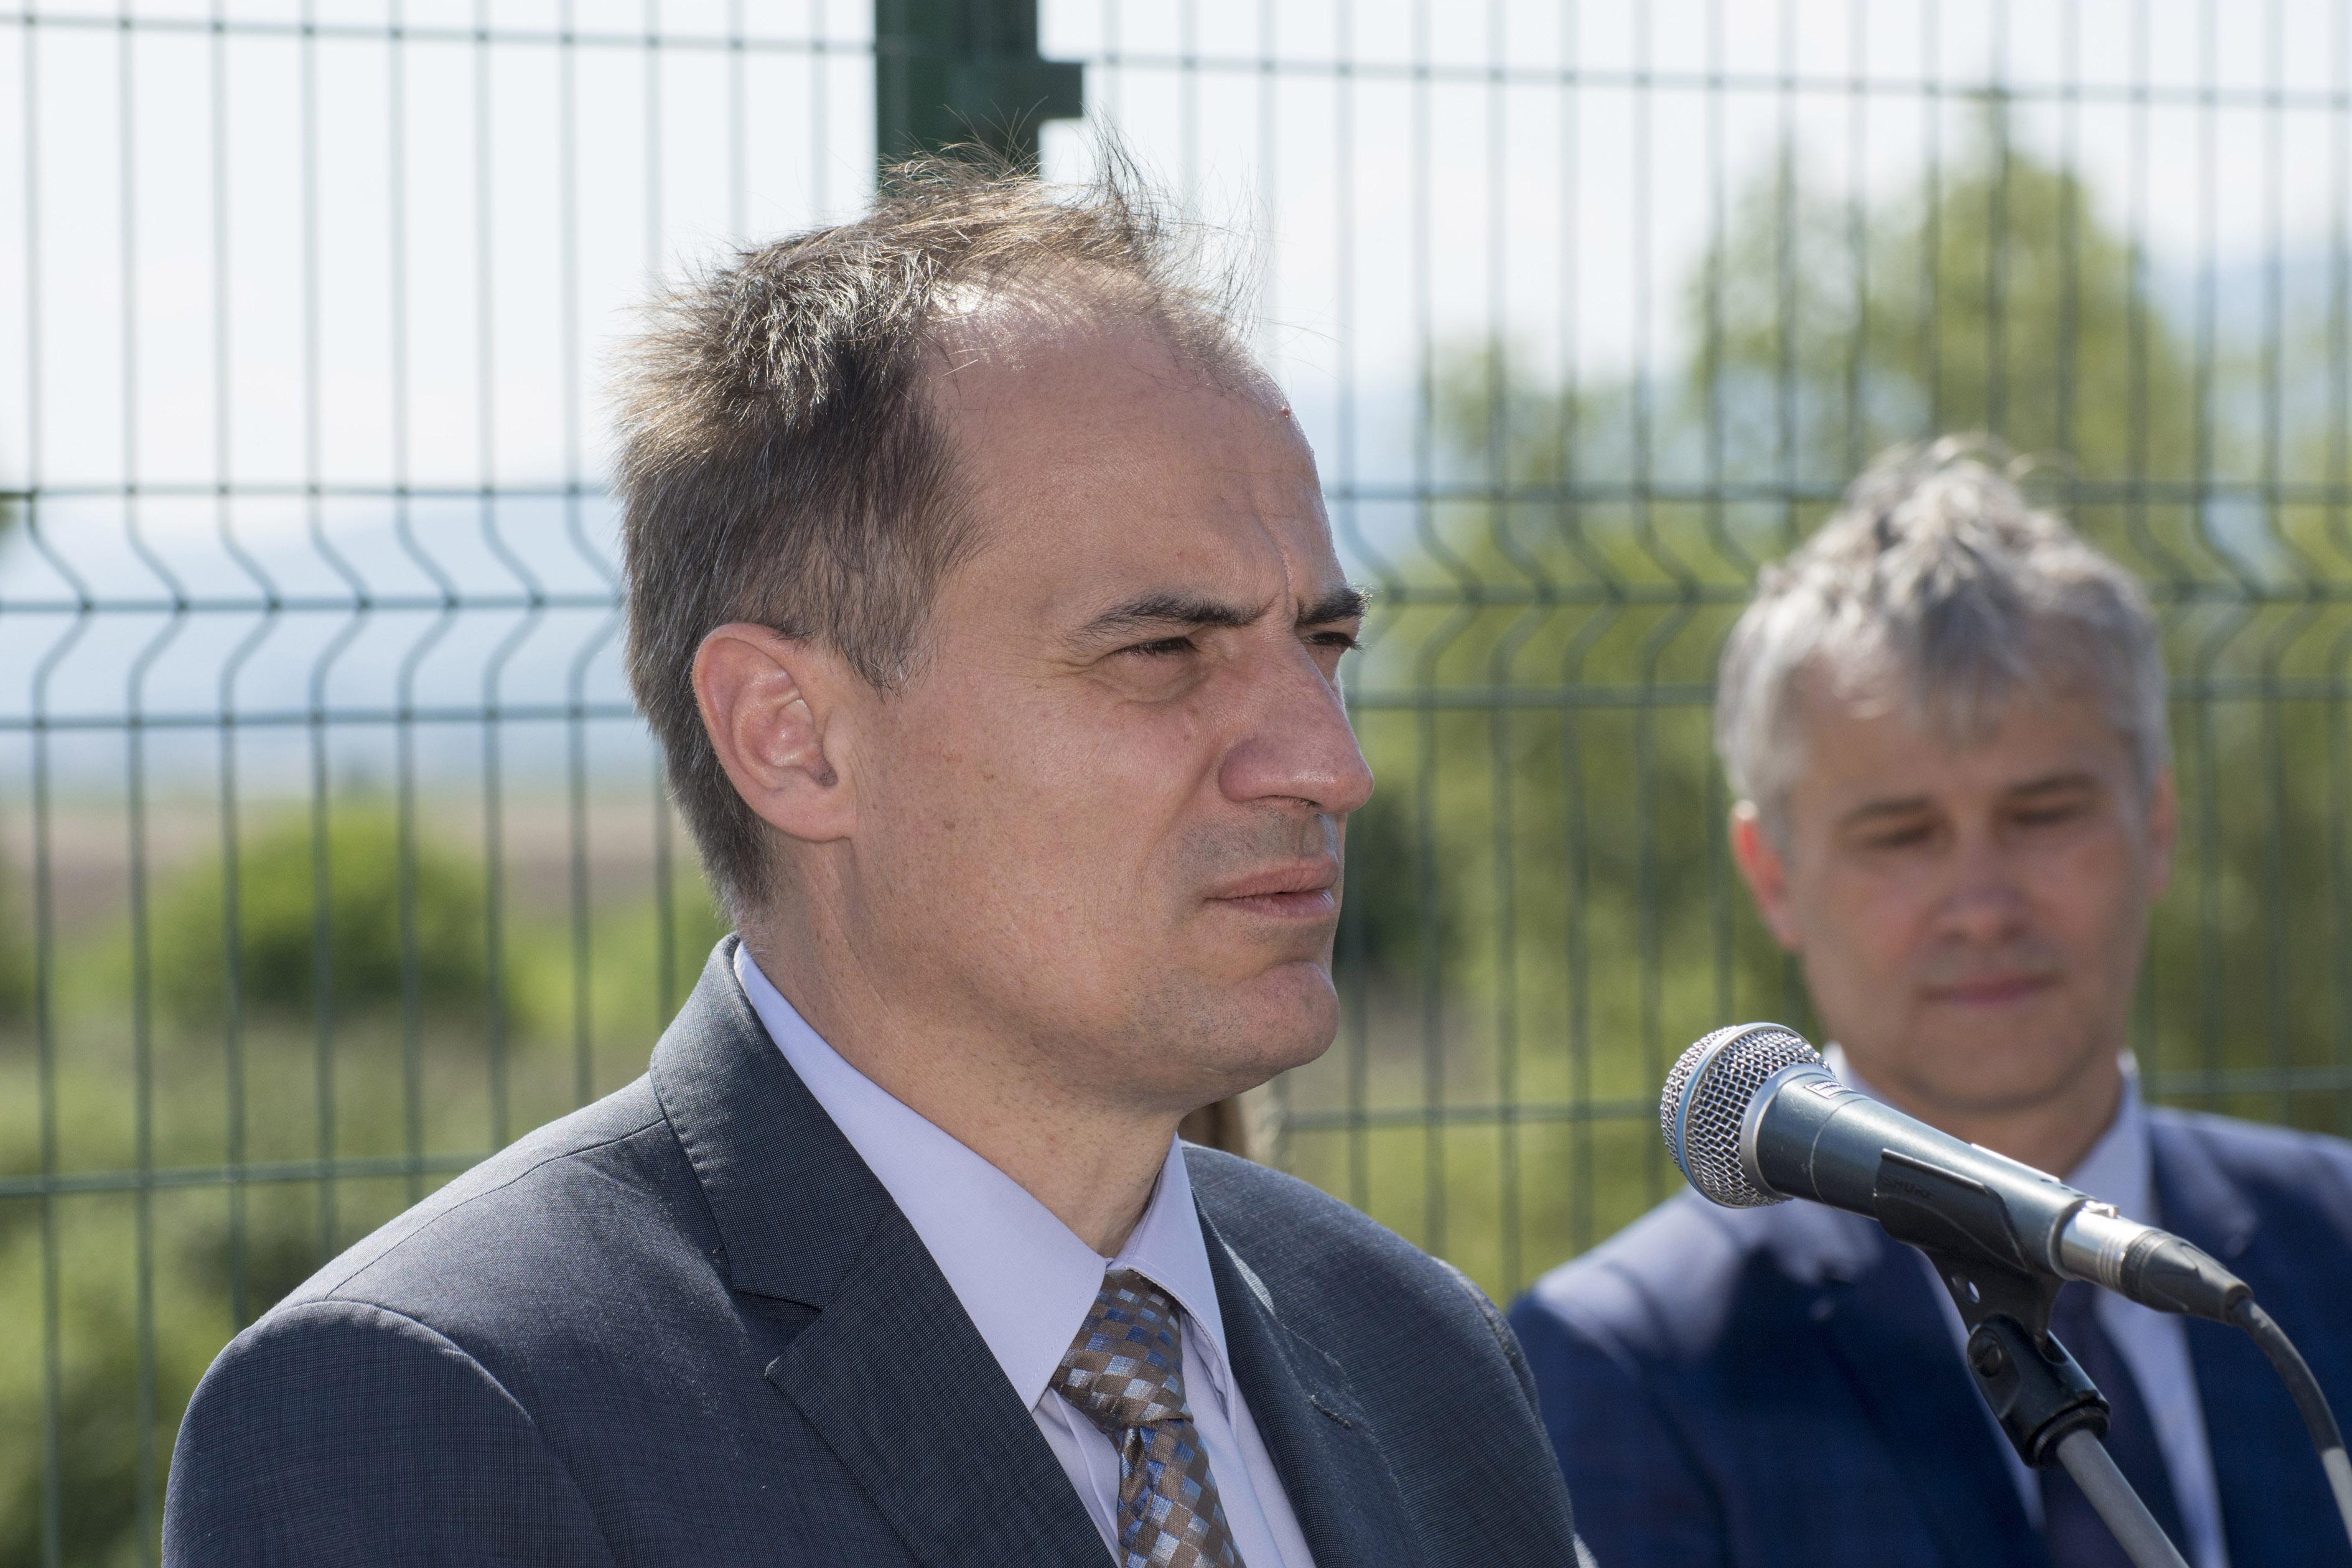 Ministar zaštite okoliša i prirode Slaven Dobrović reagirao je na odluku Tolušića